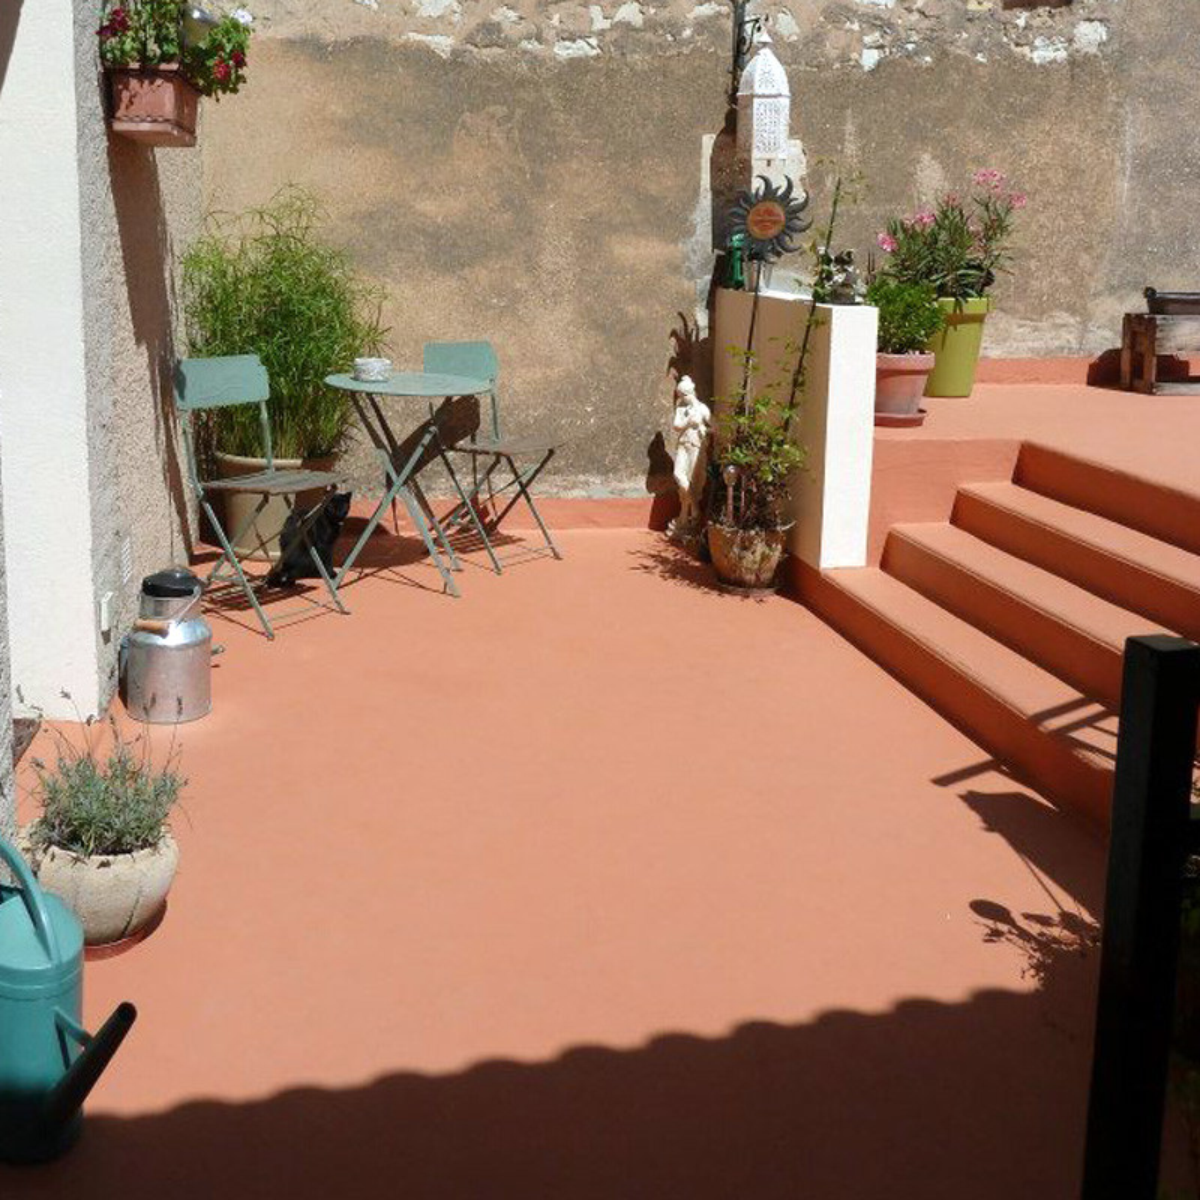 Peinture etancheite exterieur terrasse balcon - Produit etancheite mur exterieur ...